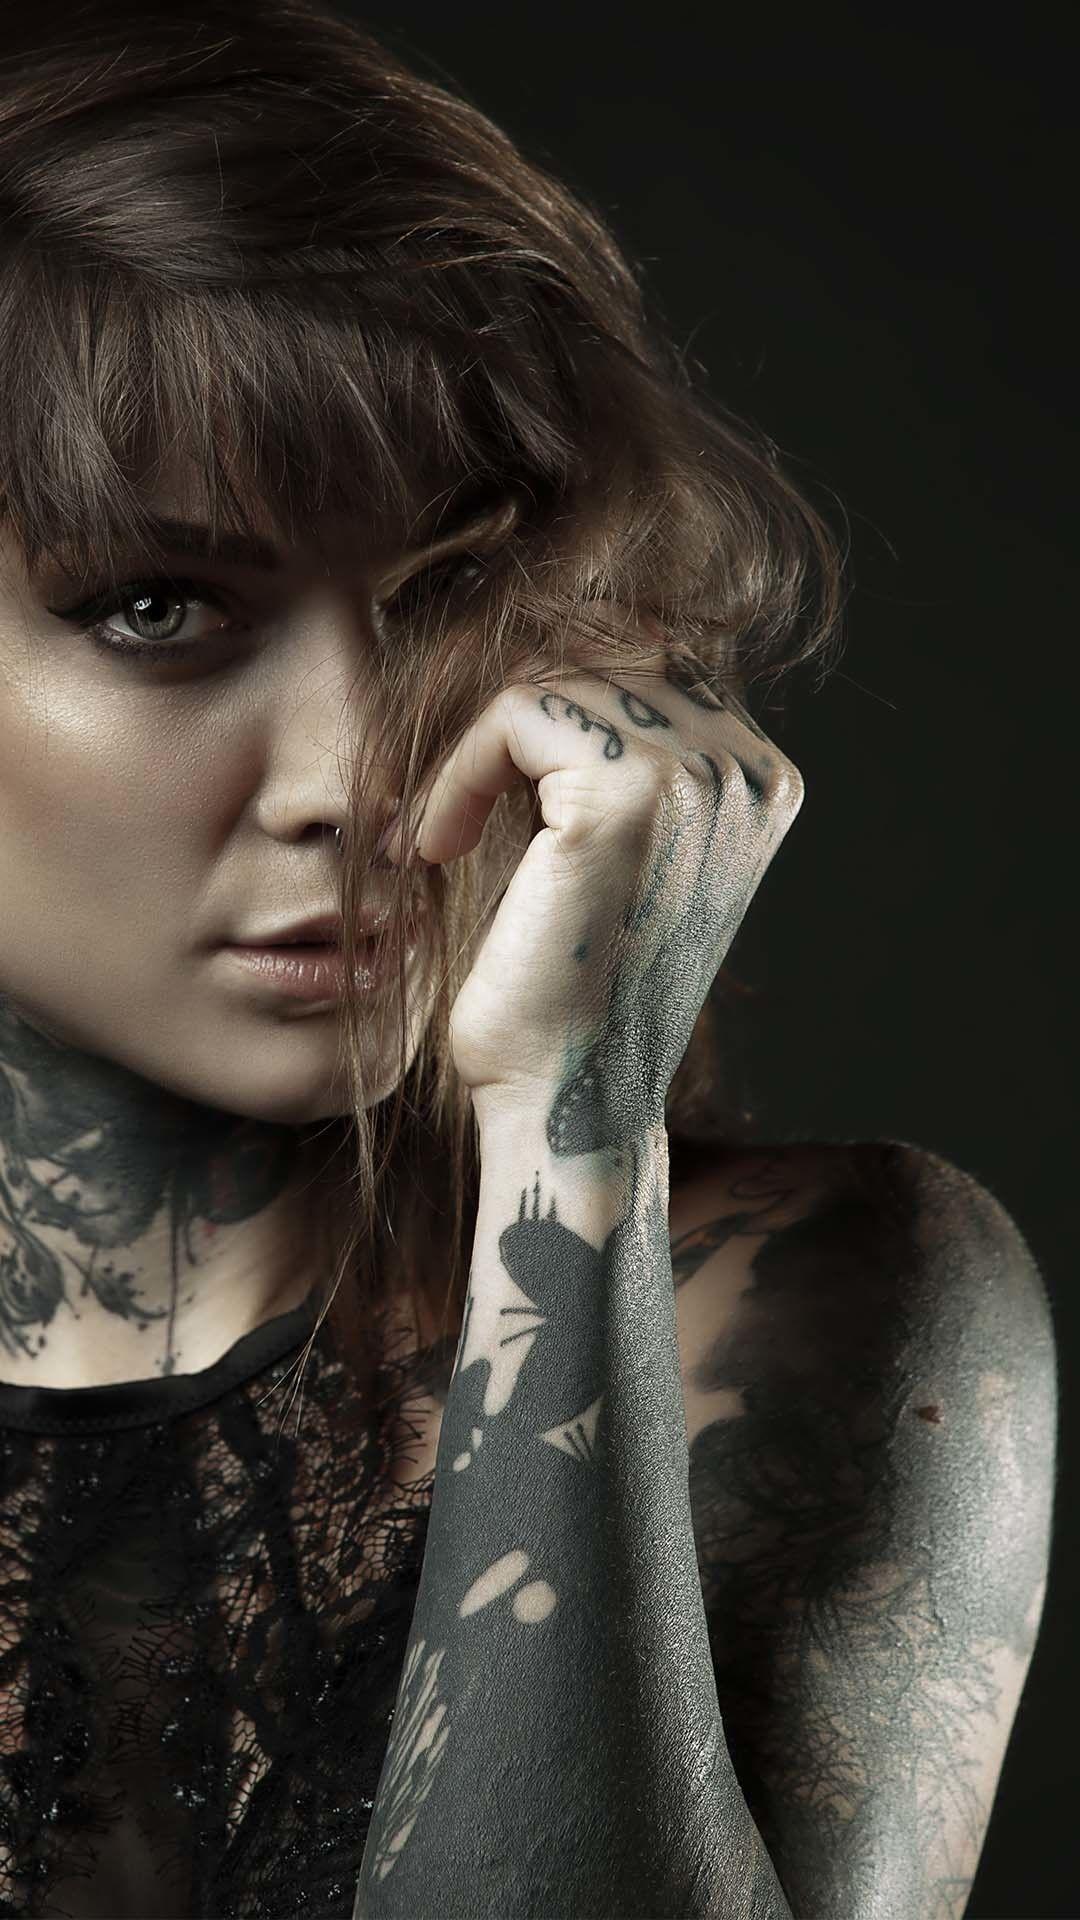 Pin on Tattoed Woman 4